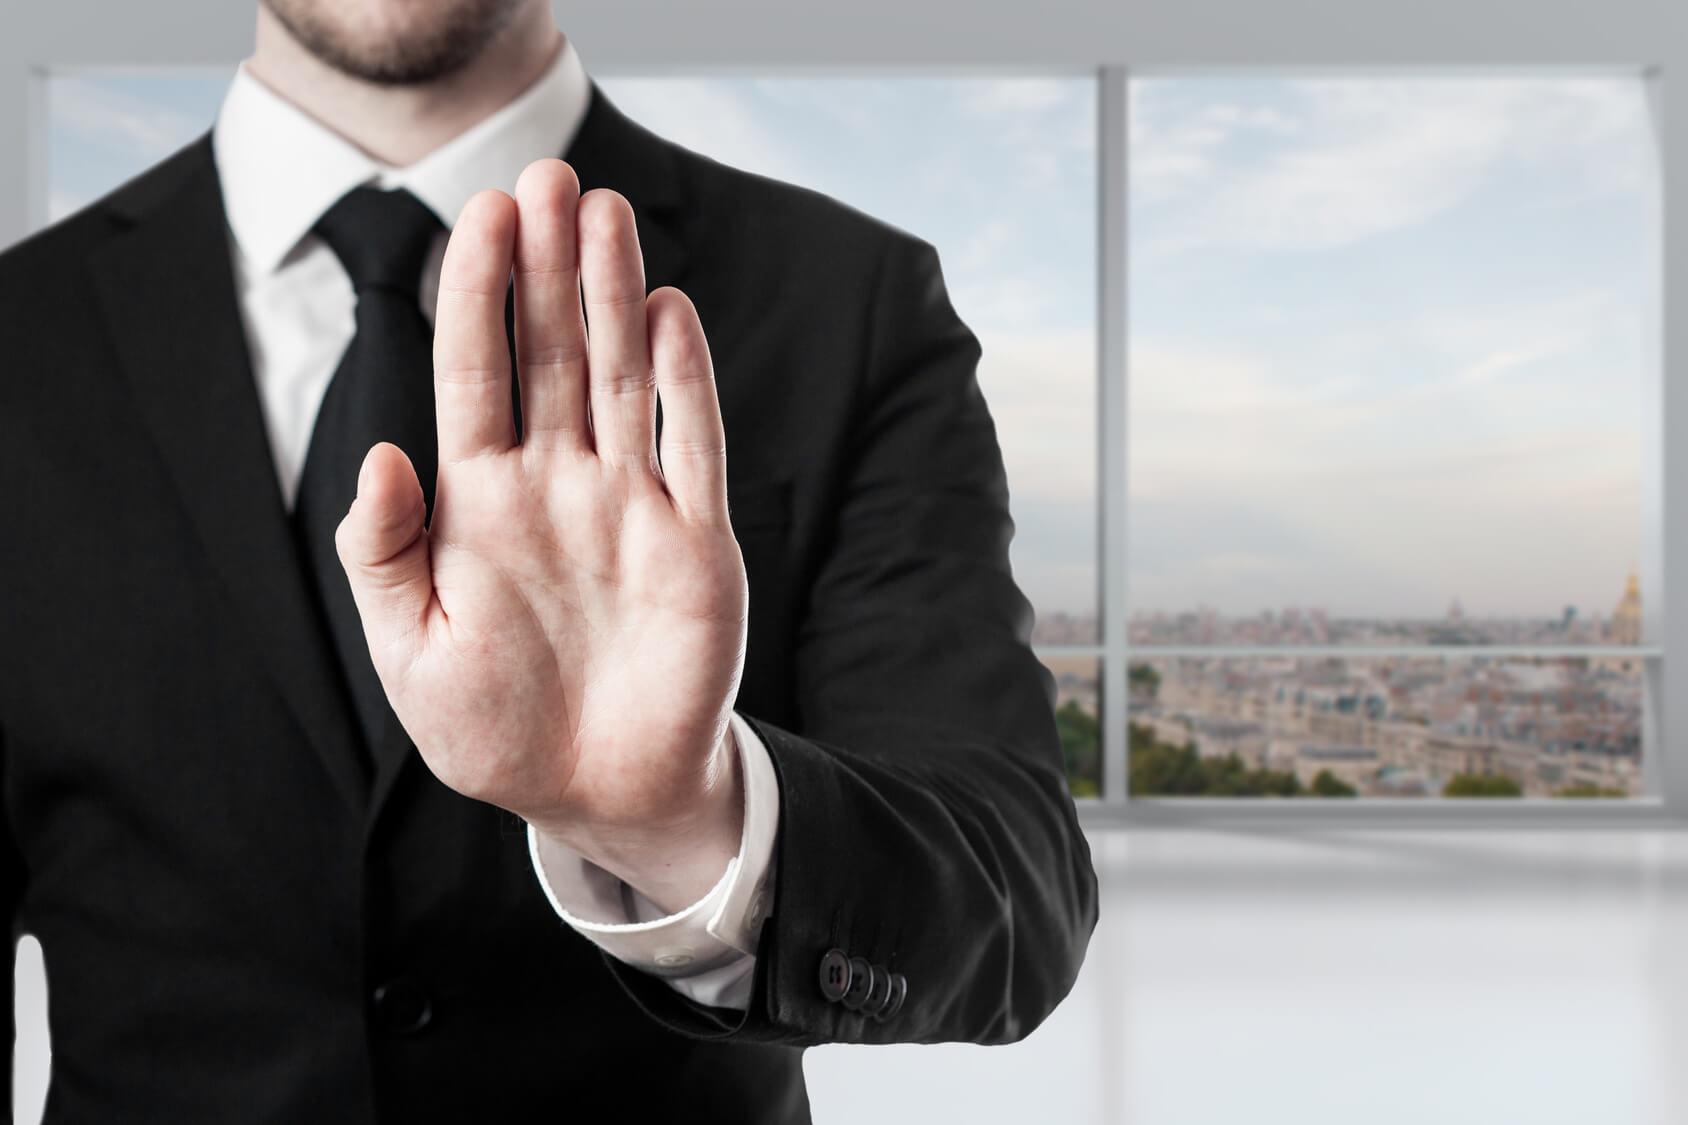 Absage Andersrum Ein Jobangebot Ablehnen Schneller Zur Stelle